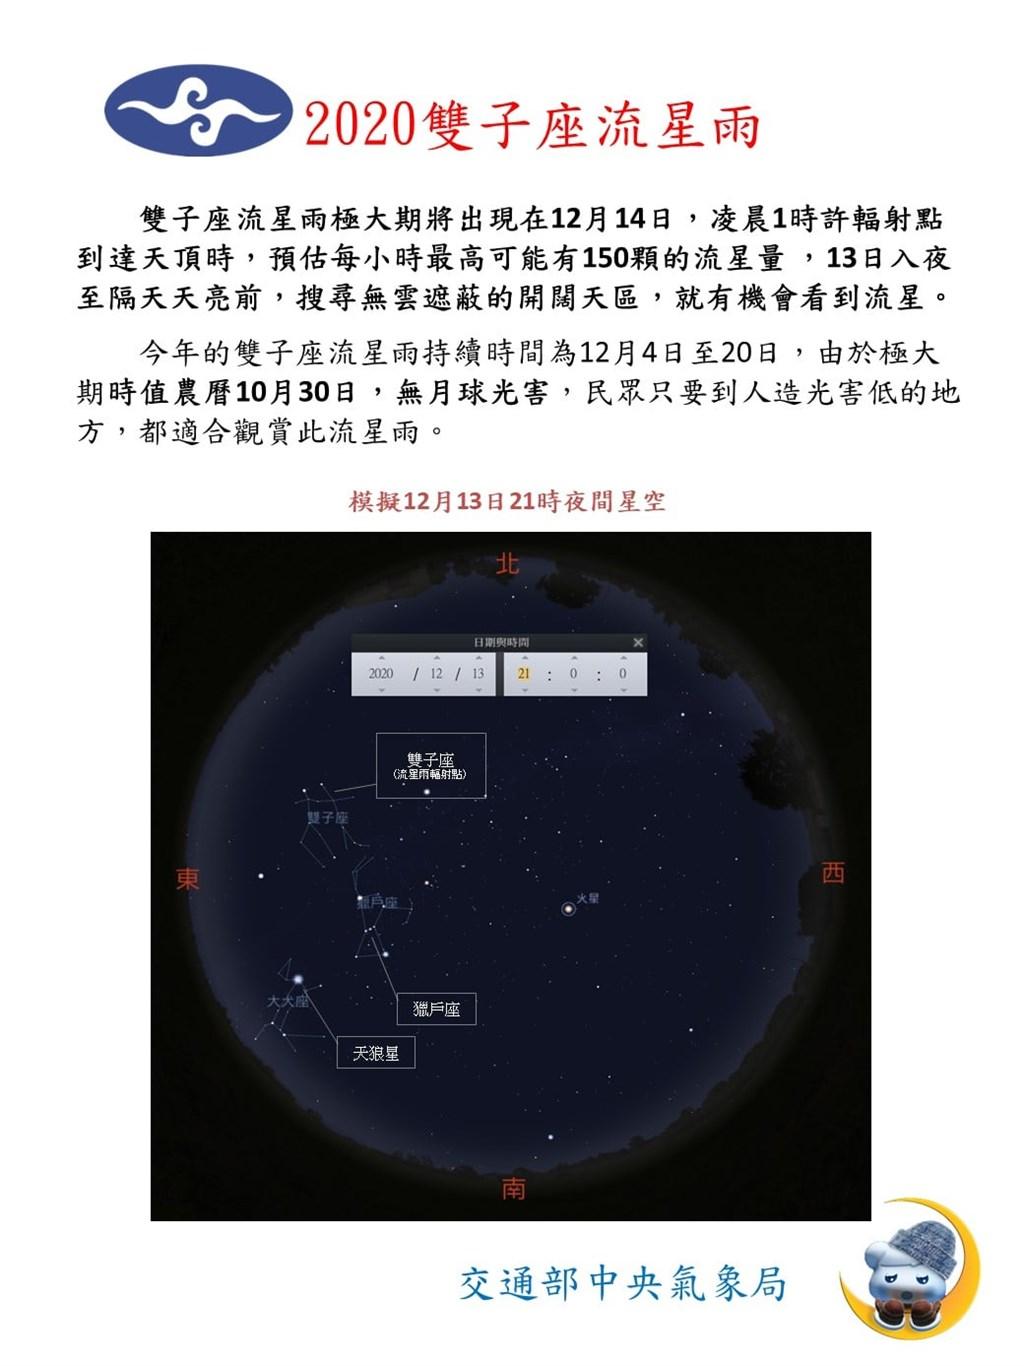 氣象局表示,2020年最後一場流星雨「雙子座流星雨」將在12月4日至20日間登場,估12月13日晚間至14日凌晨達極大期,全台各地雲量少的天空有機會見到。(圖取自facebook.com/CWBAO.TW)